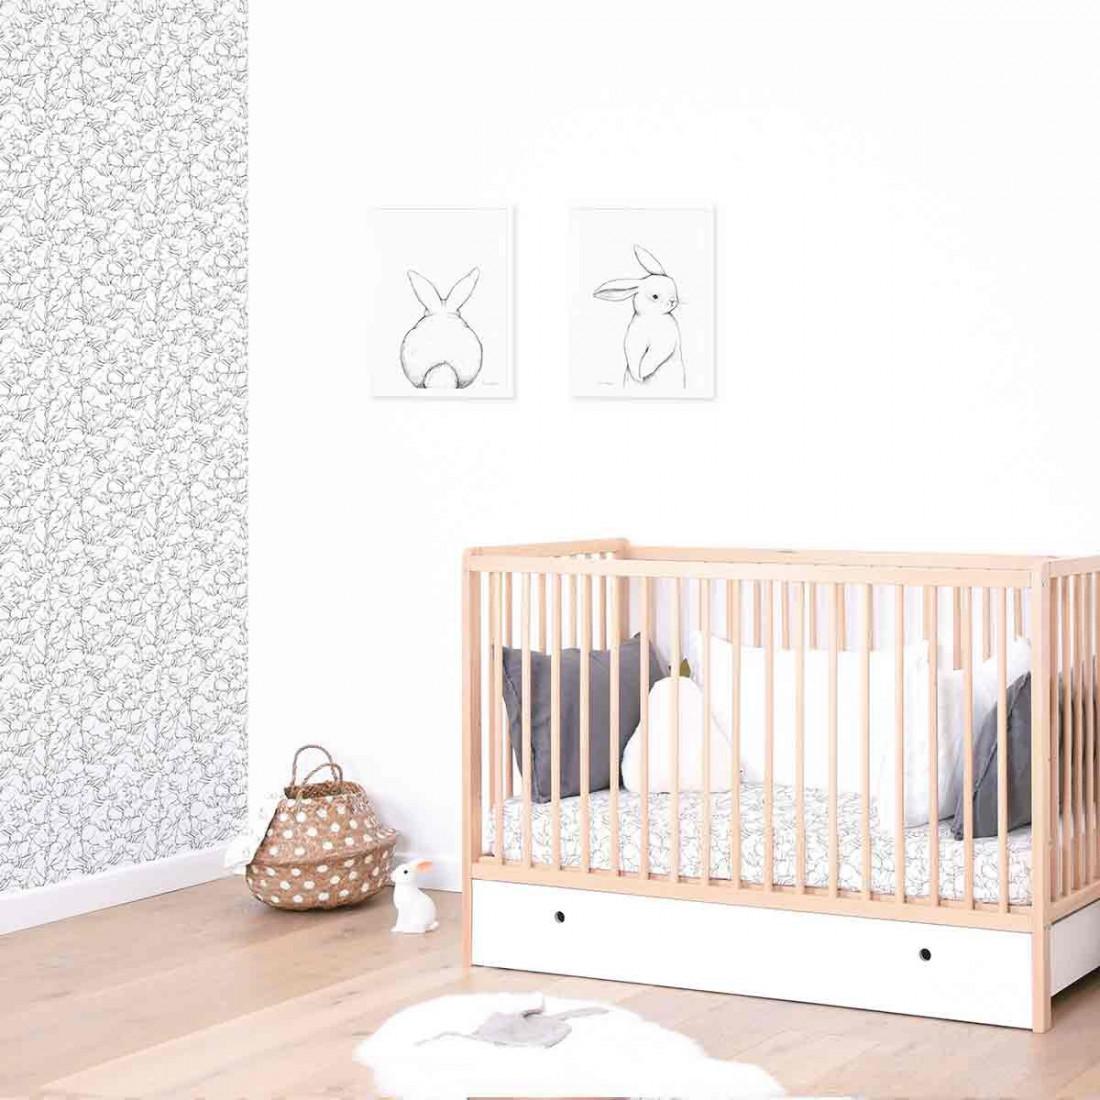 tableau enfant affiche encadr e portrait lapin blanc. Black Bedroom Furniture Sets. Home Design Ideas